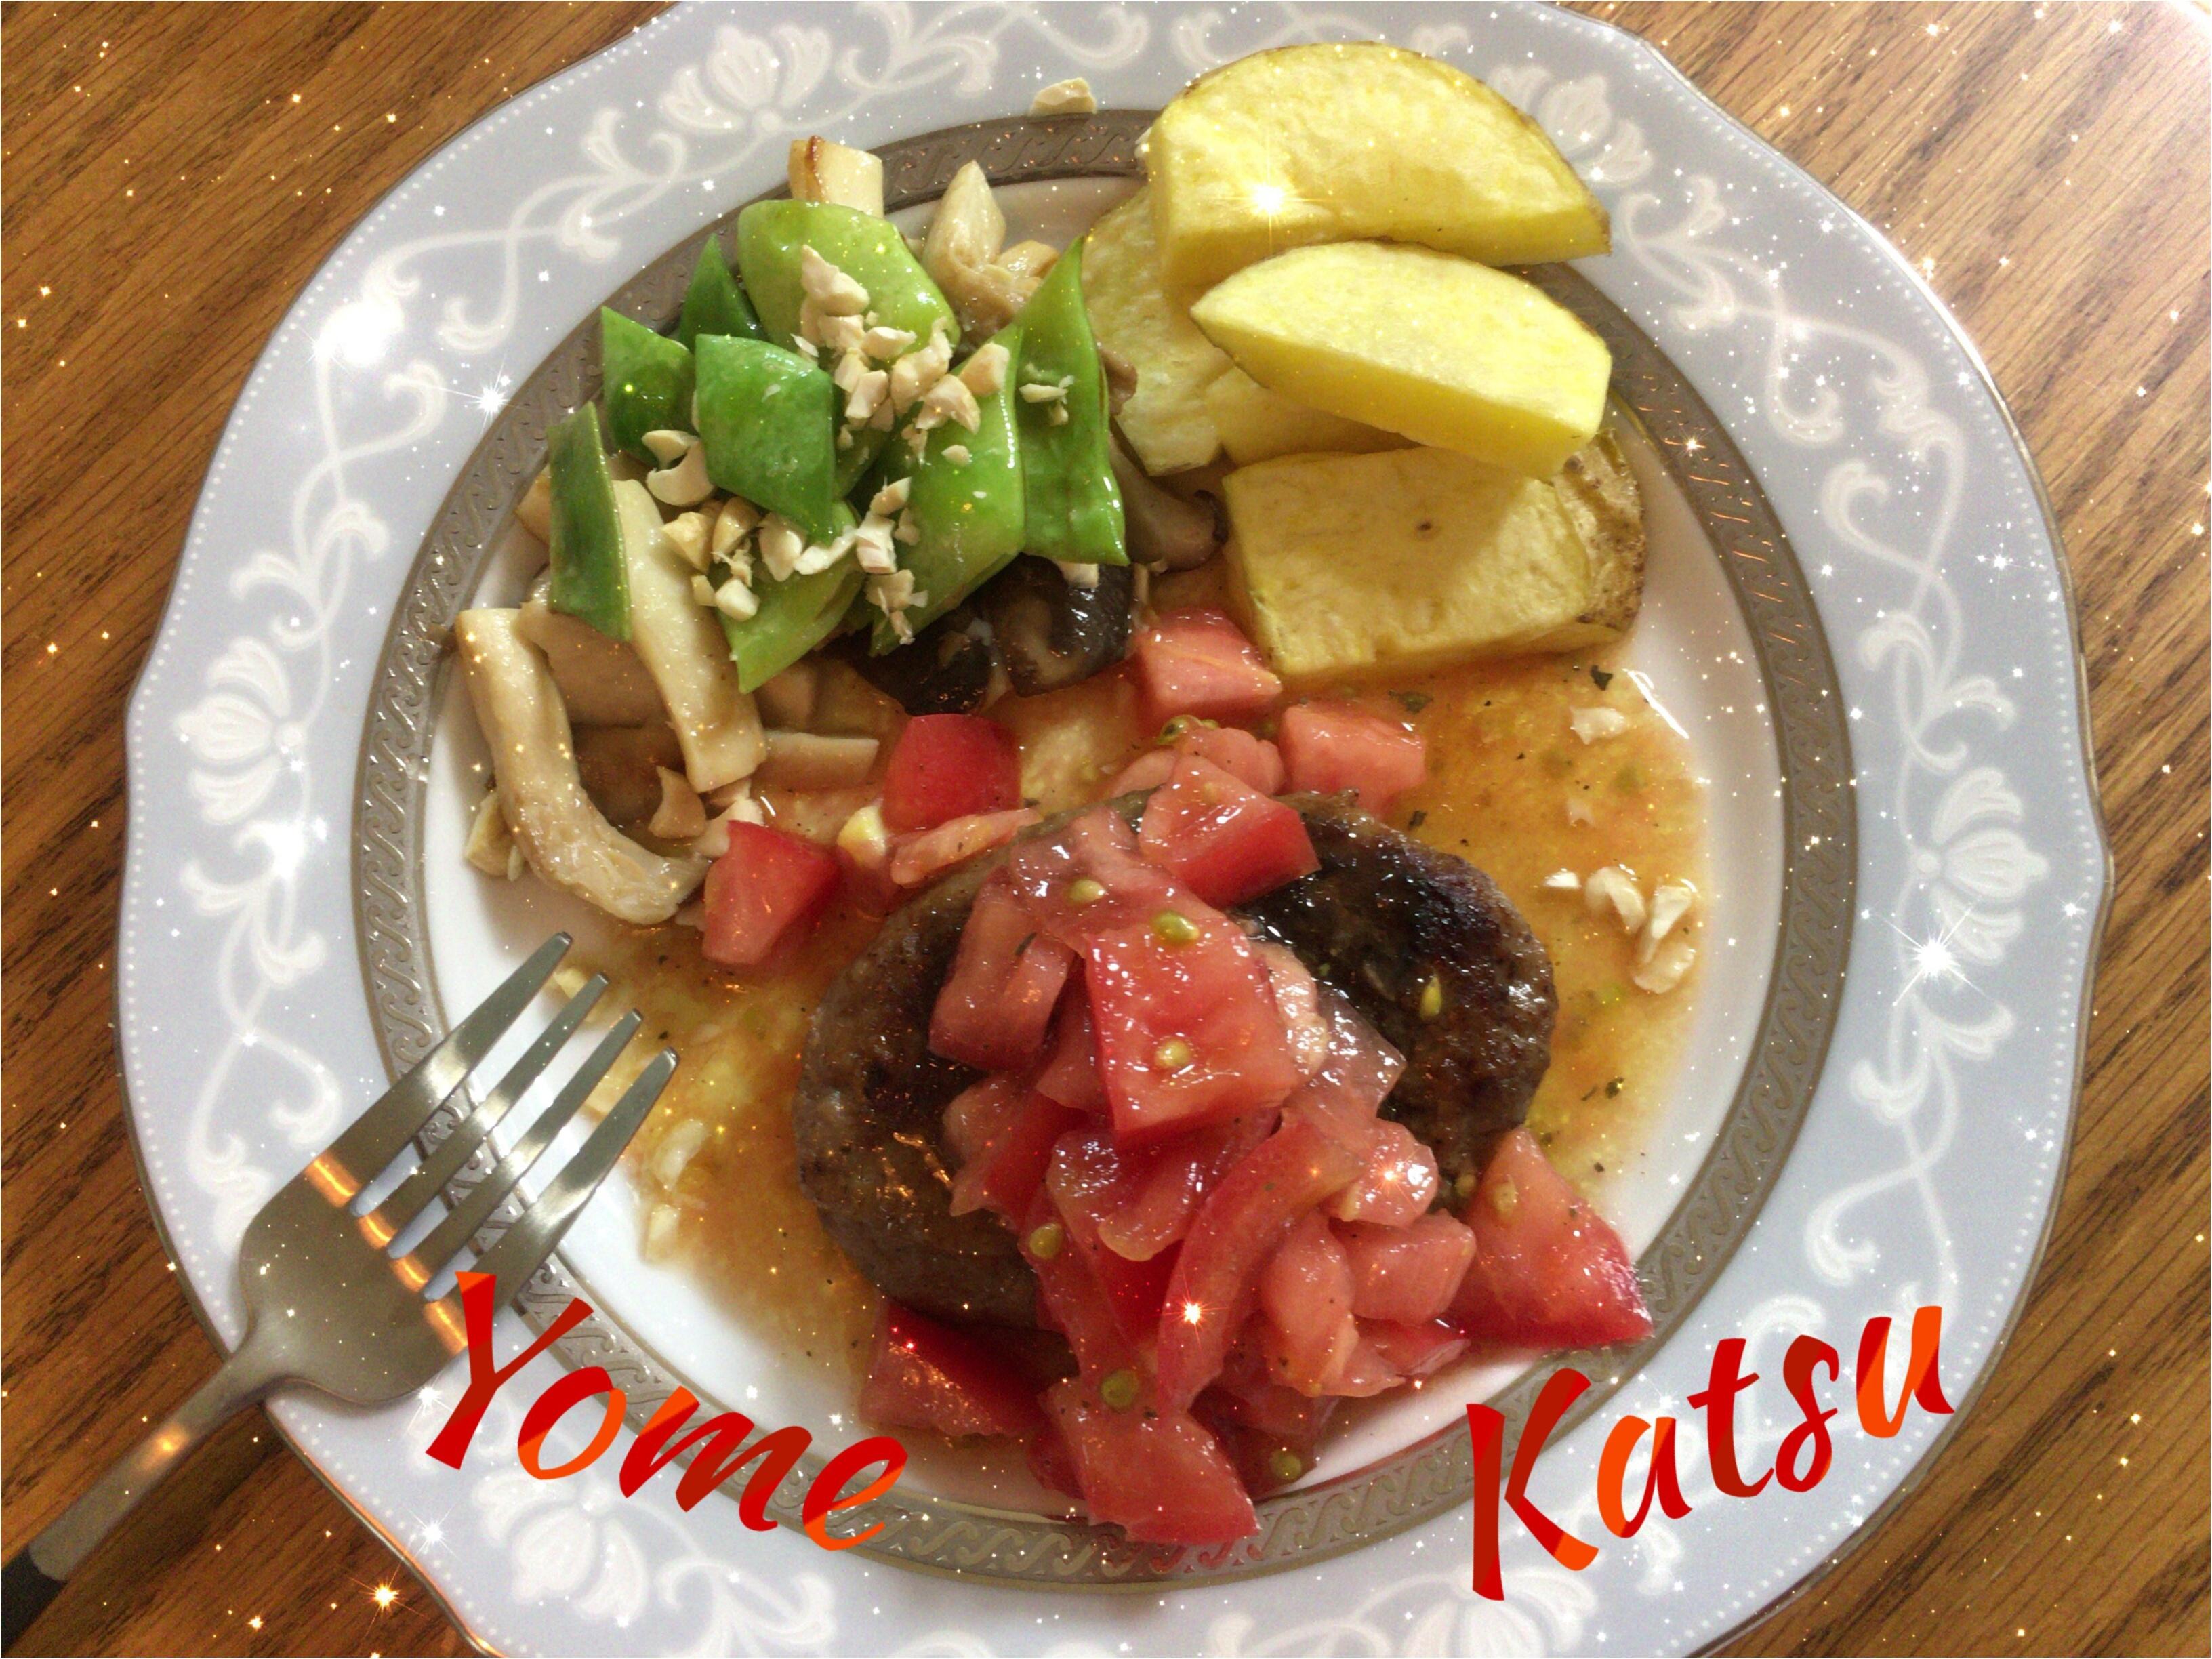 【ヨメカツ】最強モテ料理レシピを活用!彩り栄養◎夏さっぱり!フレッシュトマトソースのおしゃバーグ♡_4